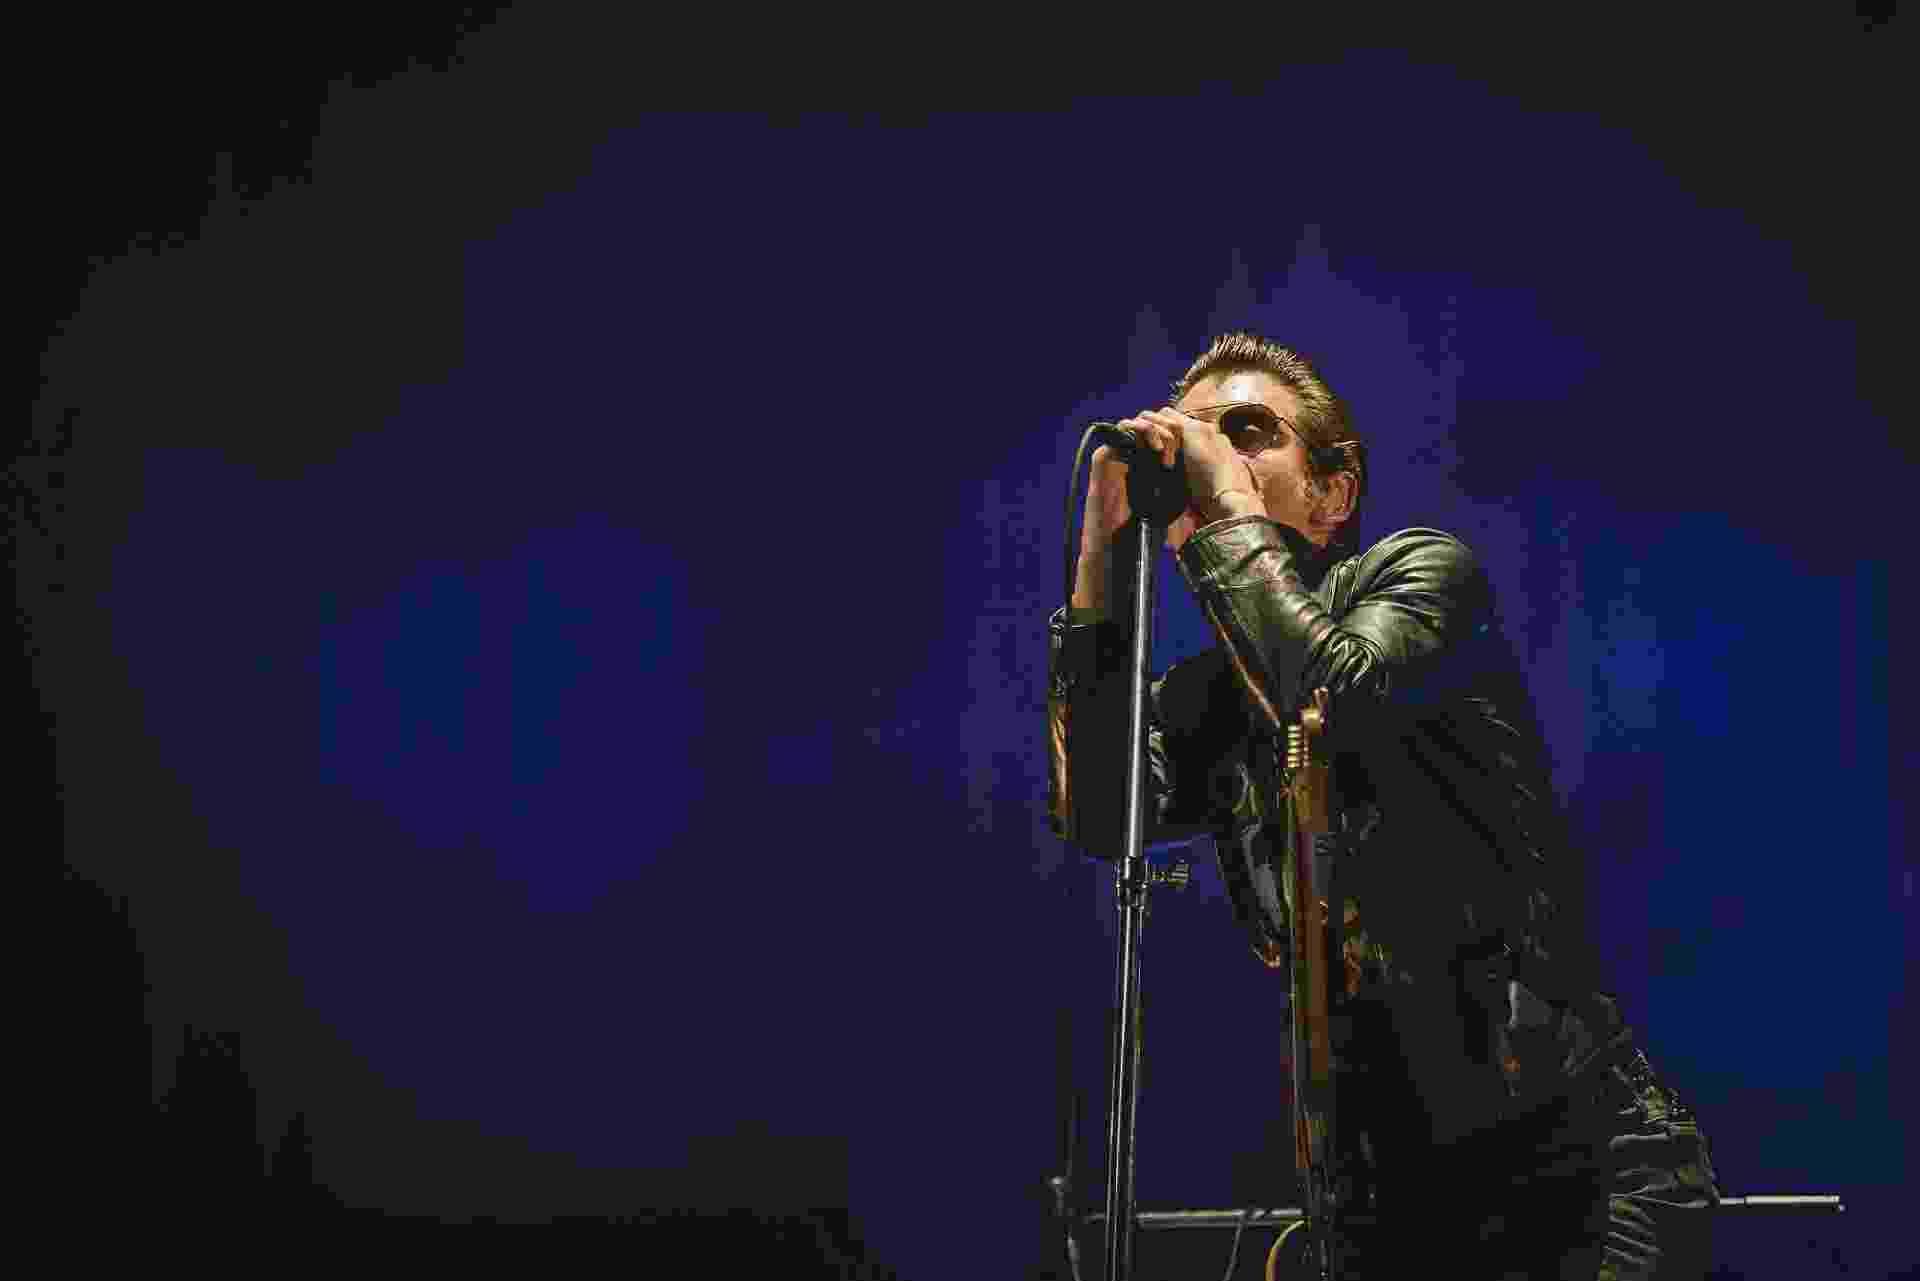 Arctic Monkeys, atração principal do Palco Budweiser, encerra a programação do primeiro dia do Lollapalooza Brasil 2019 - Camila Cara/Divulgação